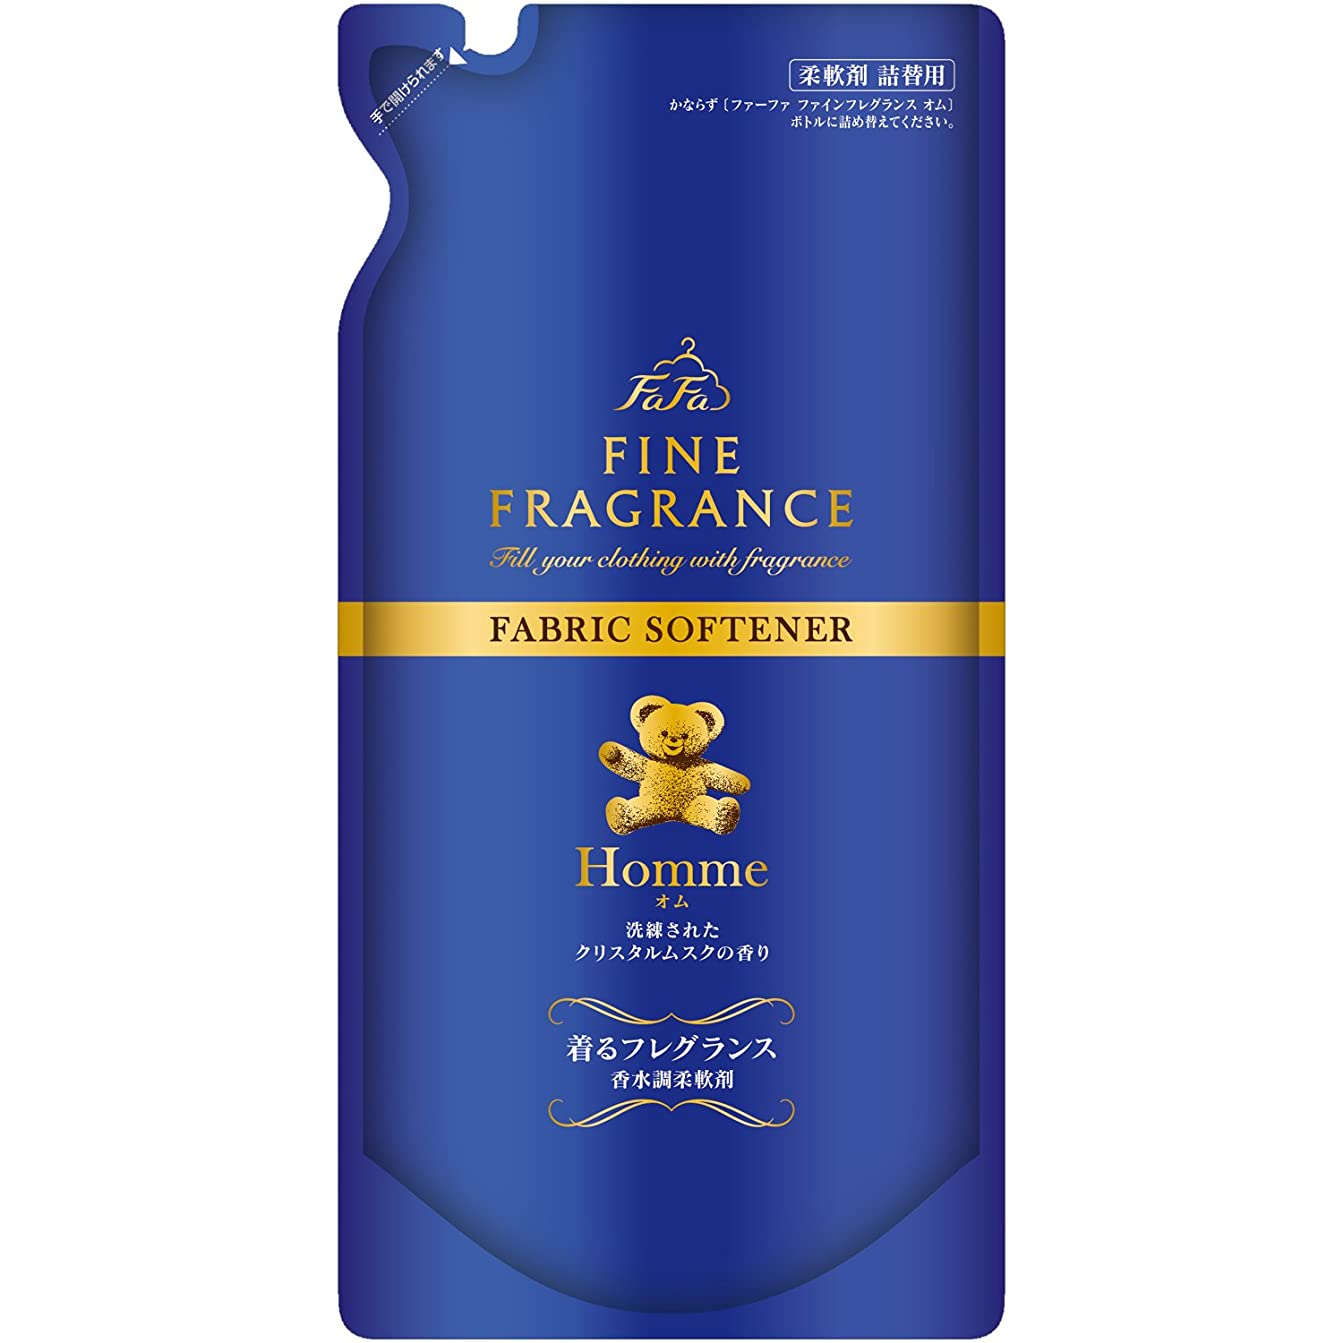 広範囲にあいまいな傷つけるファーファ ファインフレグランス 濃縮柔軟剤 オム (homme) 香水調クリスタルムスクの香り 詰替用 500ml